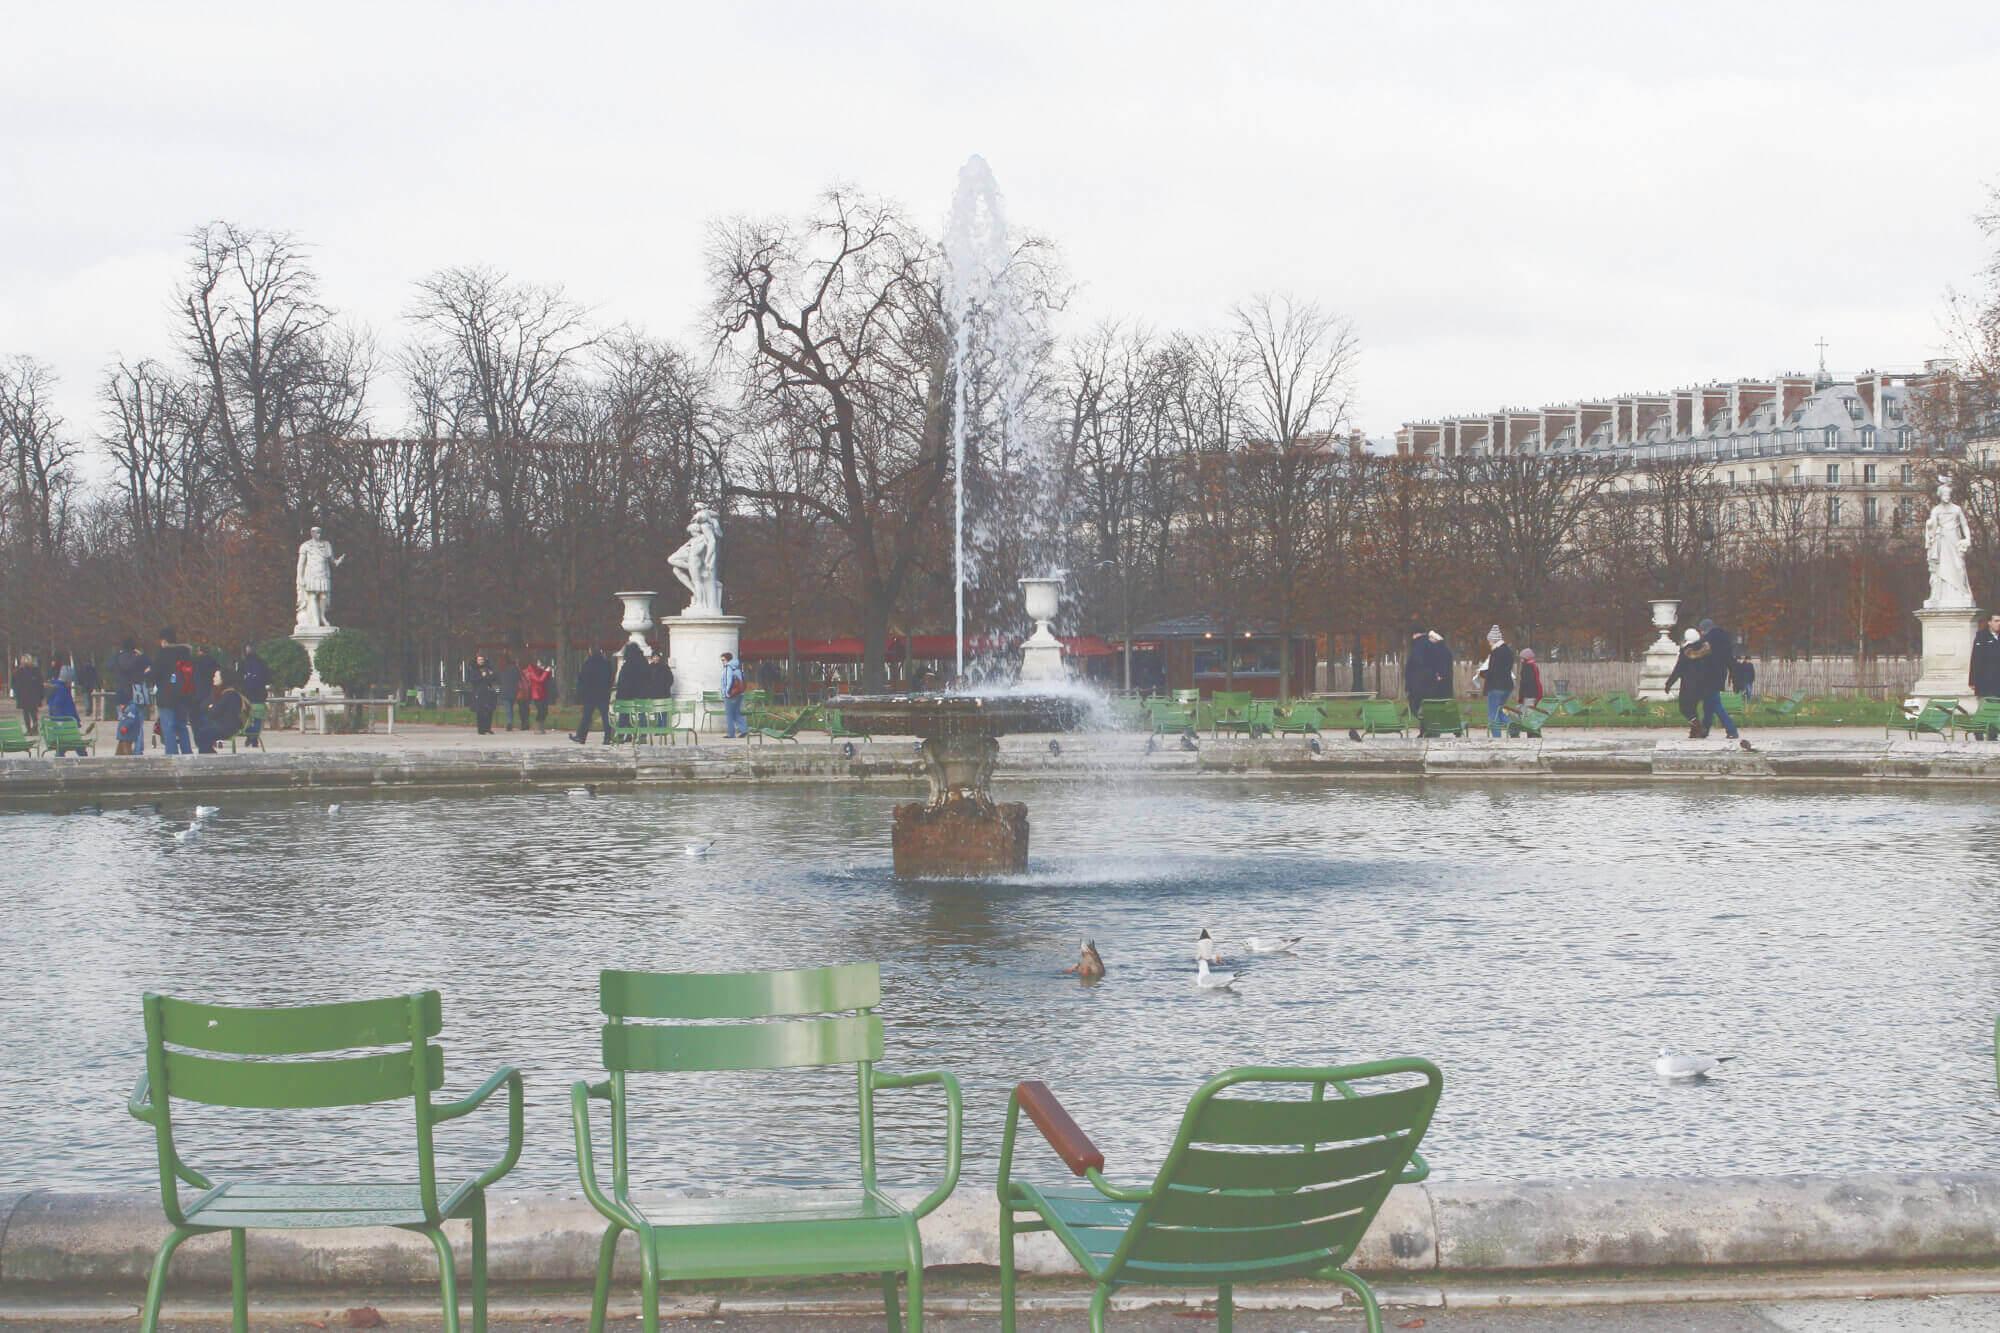 Blick auf den Brunnen im Jardin de Tuileries in Paris